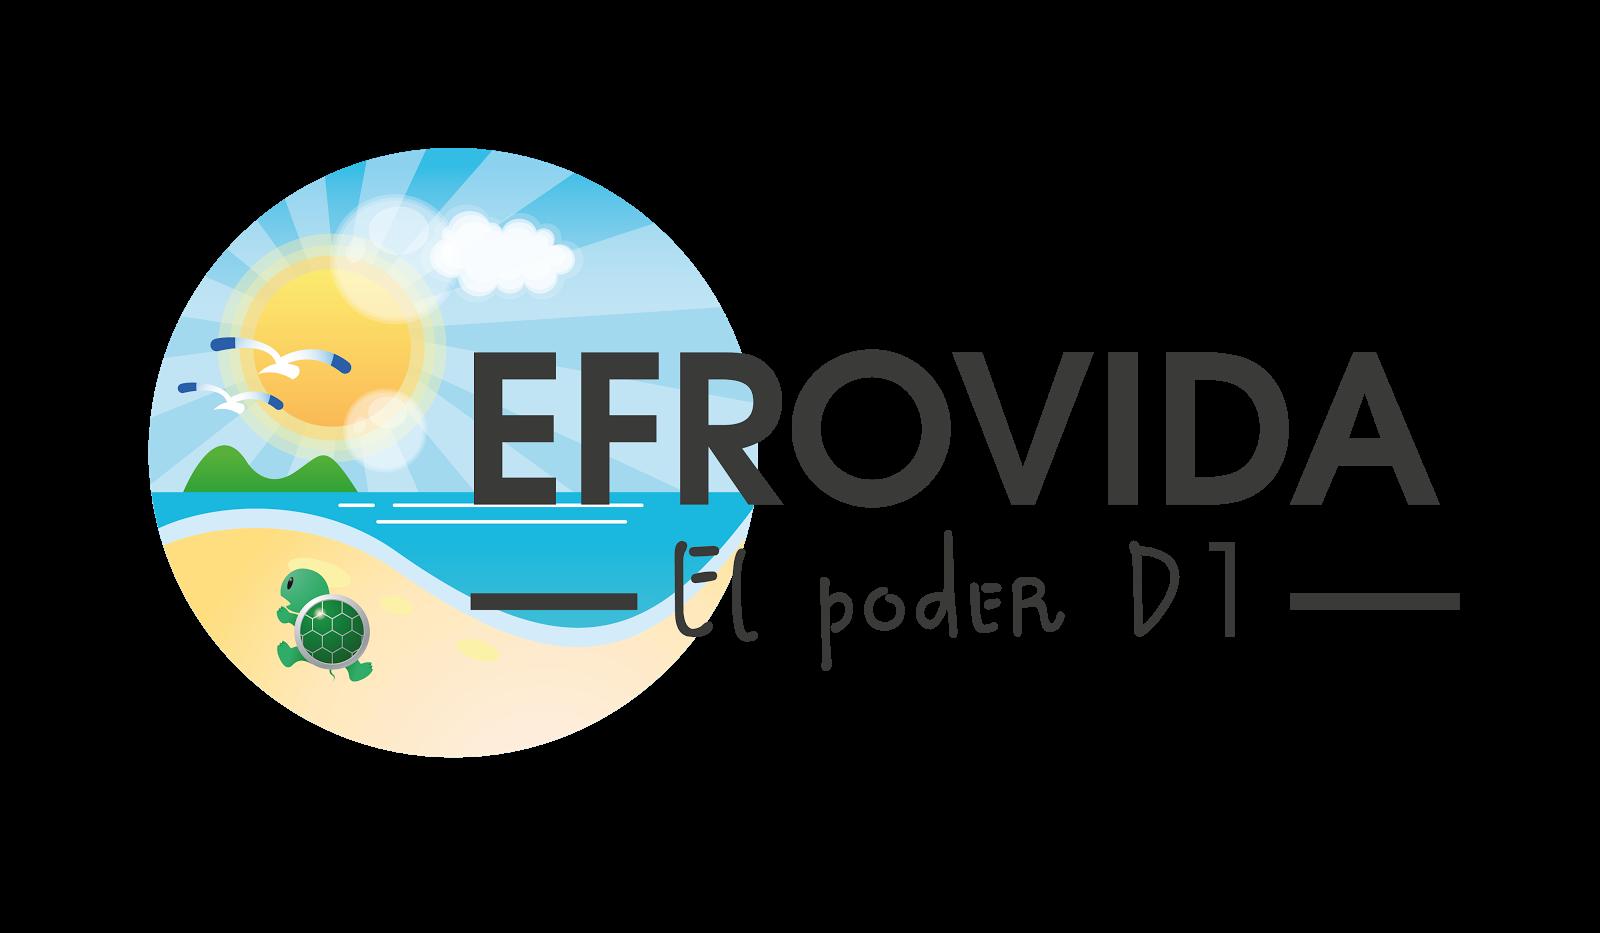 EFROVIDA